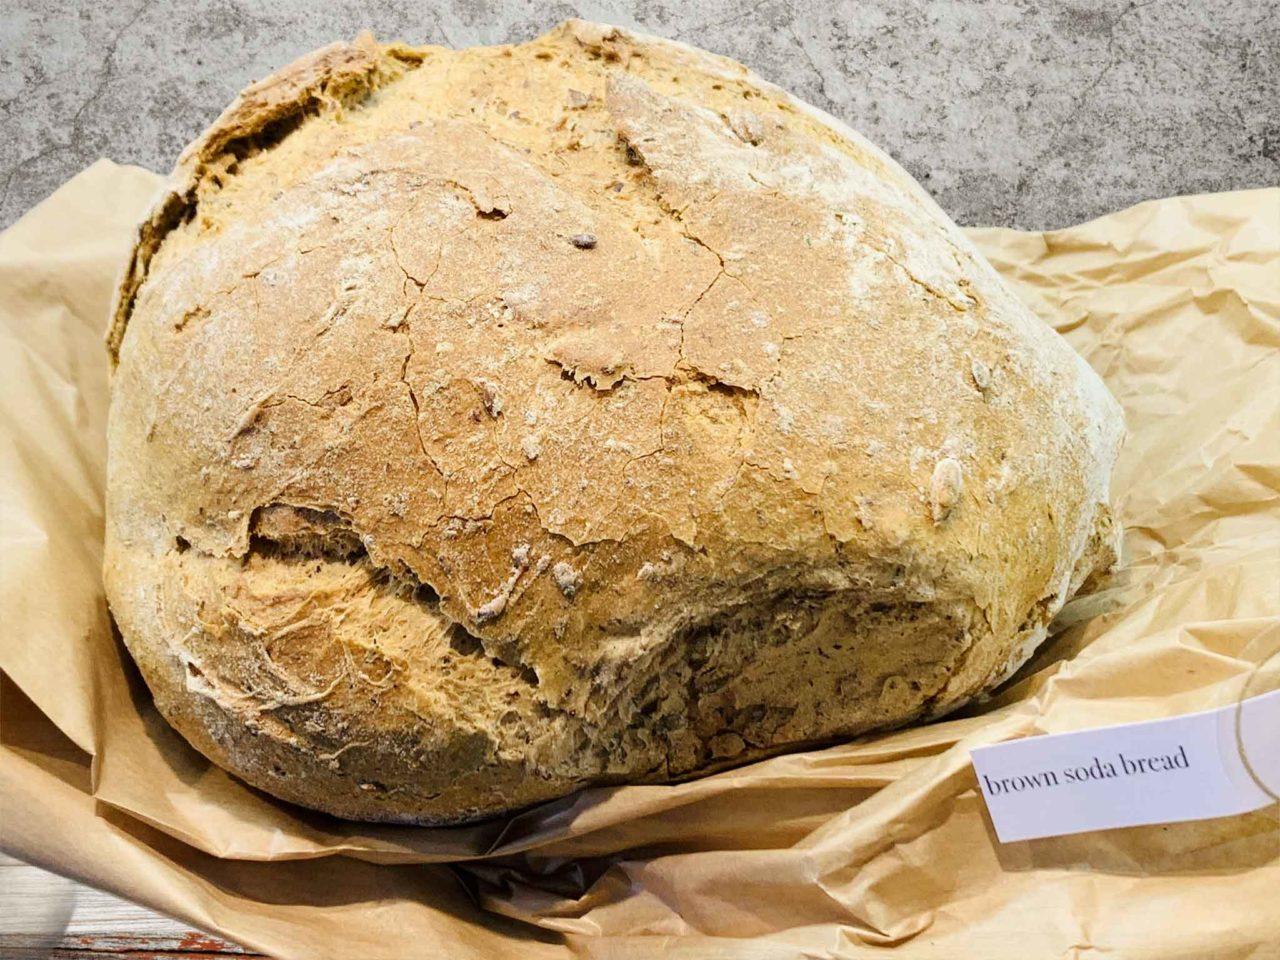 Bottega Culinaria Abruzzo pane delivery